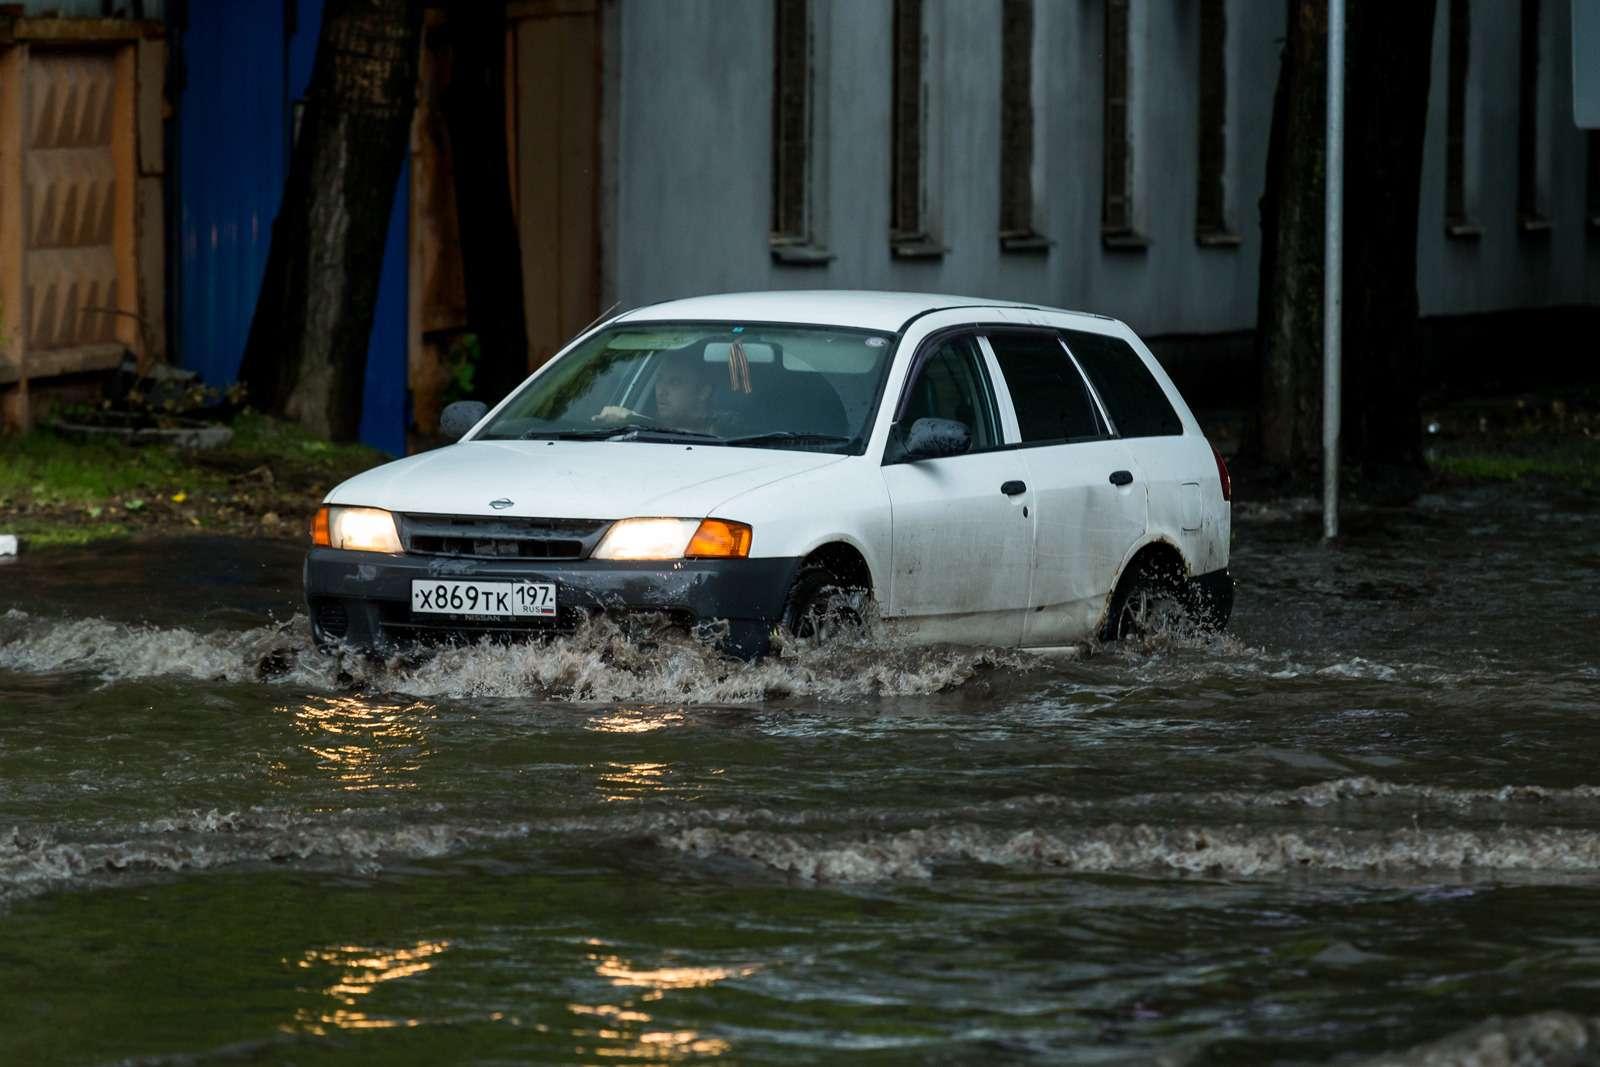 Москву залили дожди, машины поплыли. Фоторепортаж ЗР— фото 770686